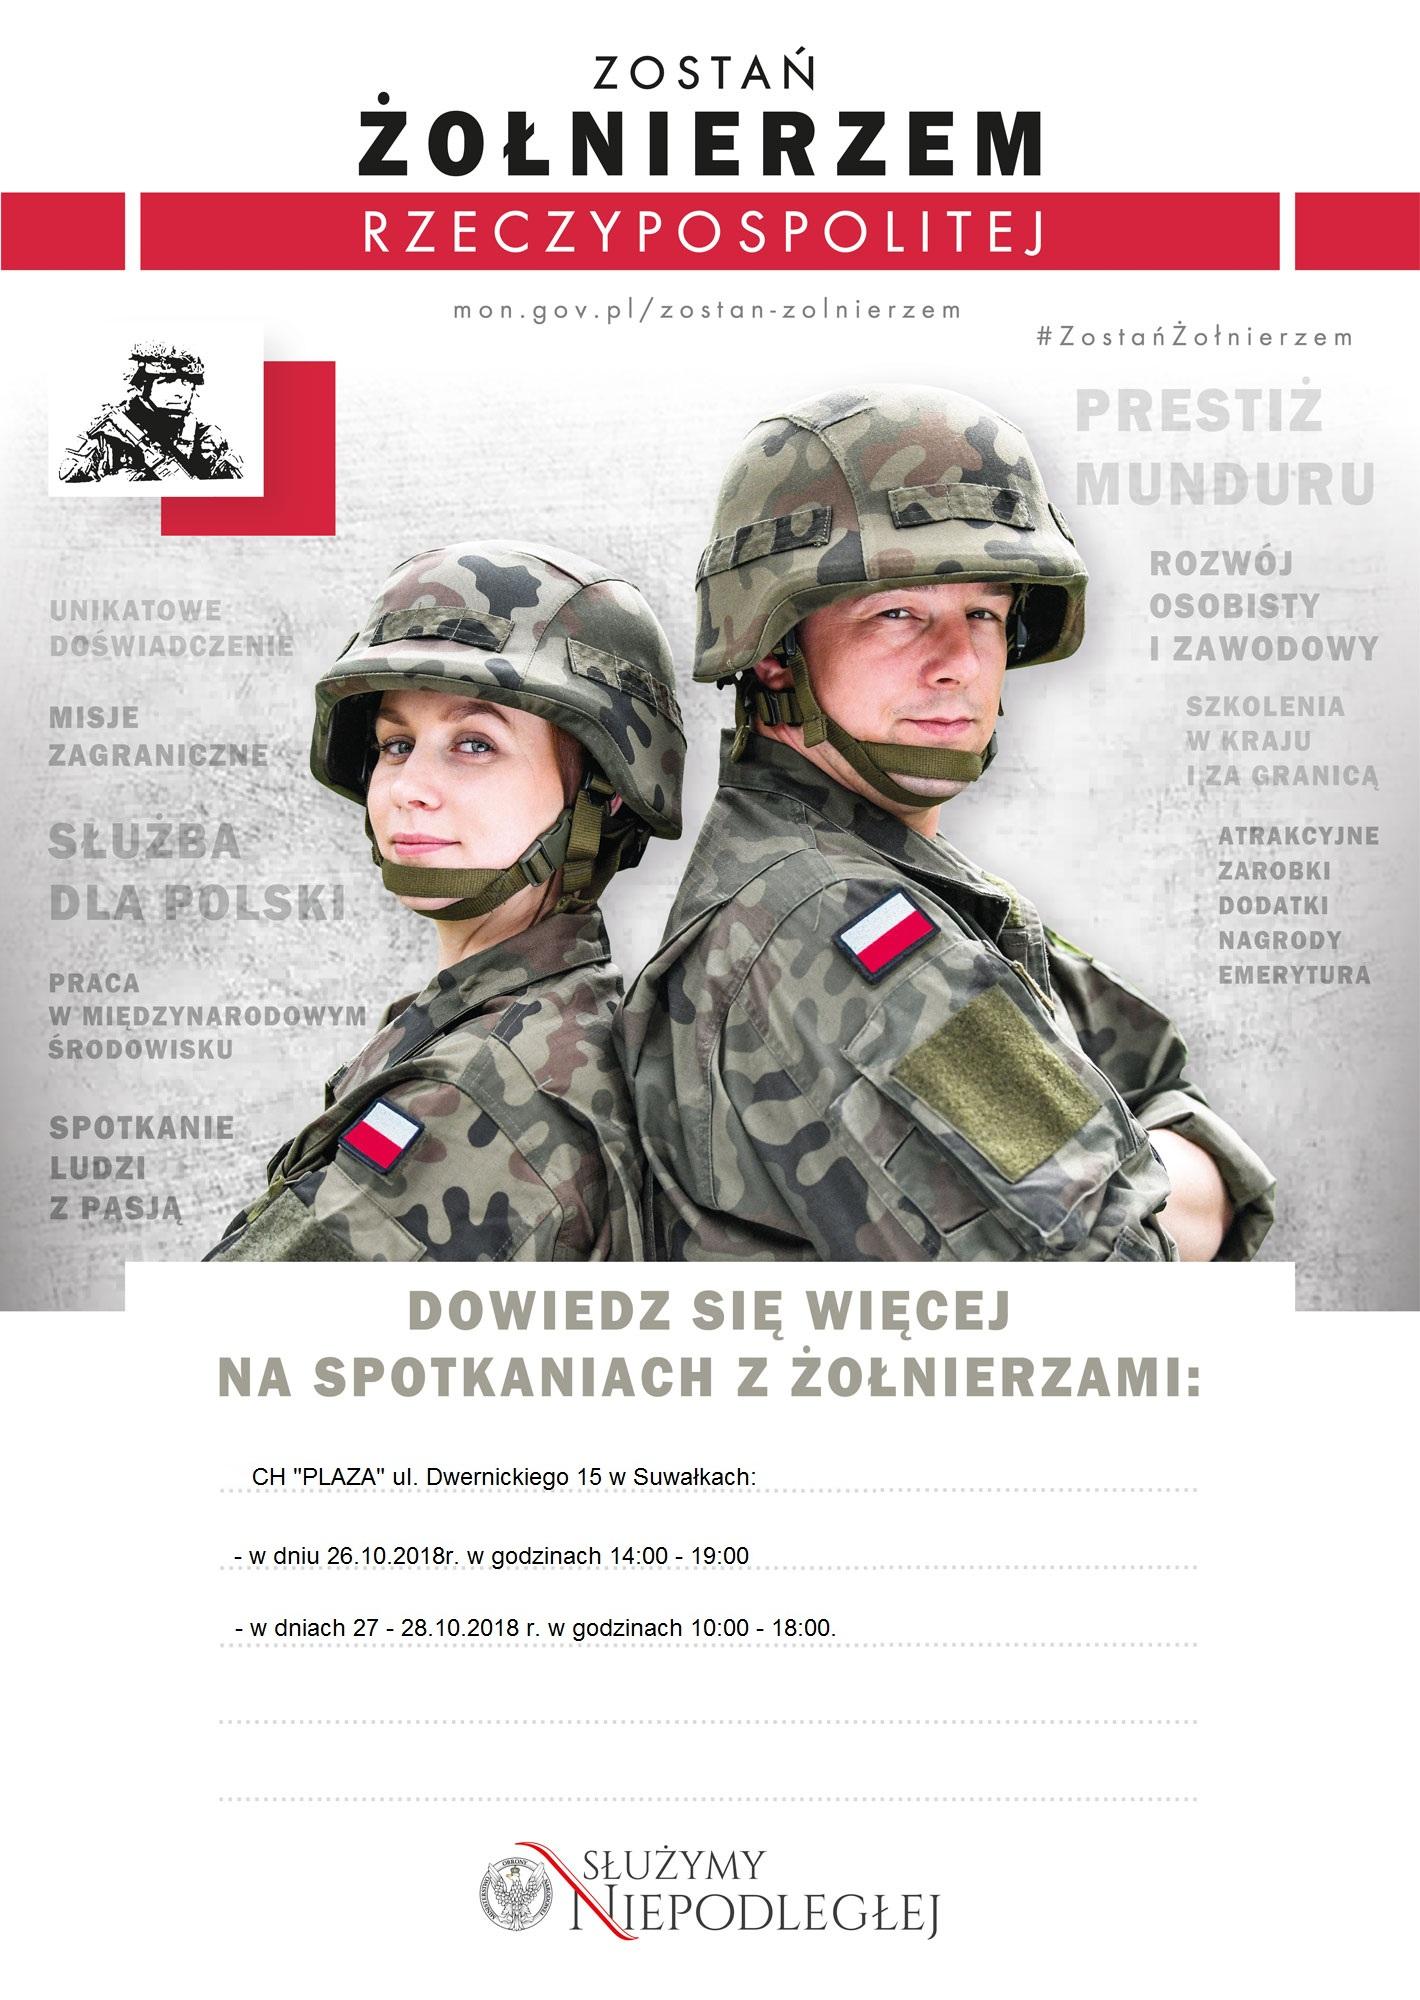 Zostań żołnierzem Rzeczypospolitej!